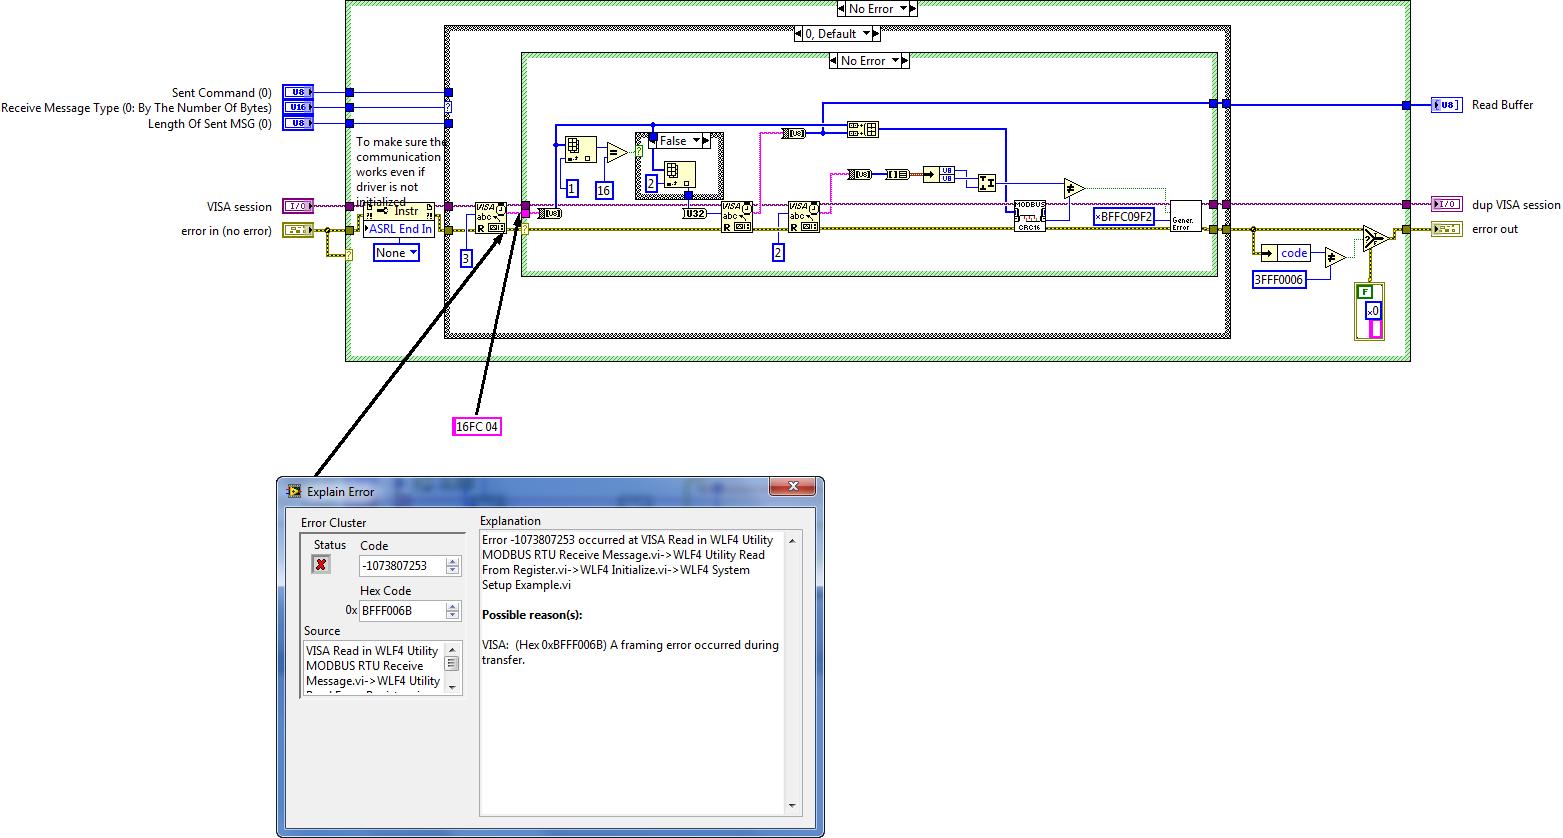 WLF4 Utility MODBUS RTU Receive Message